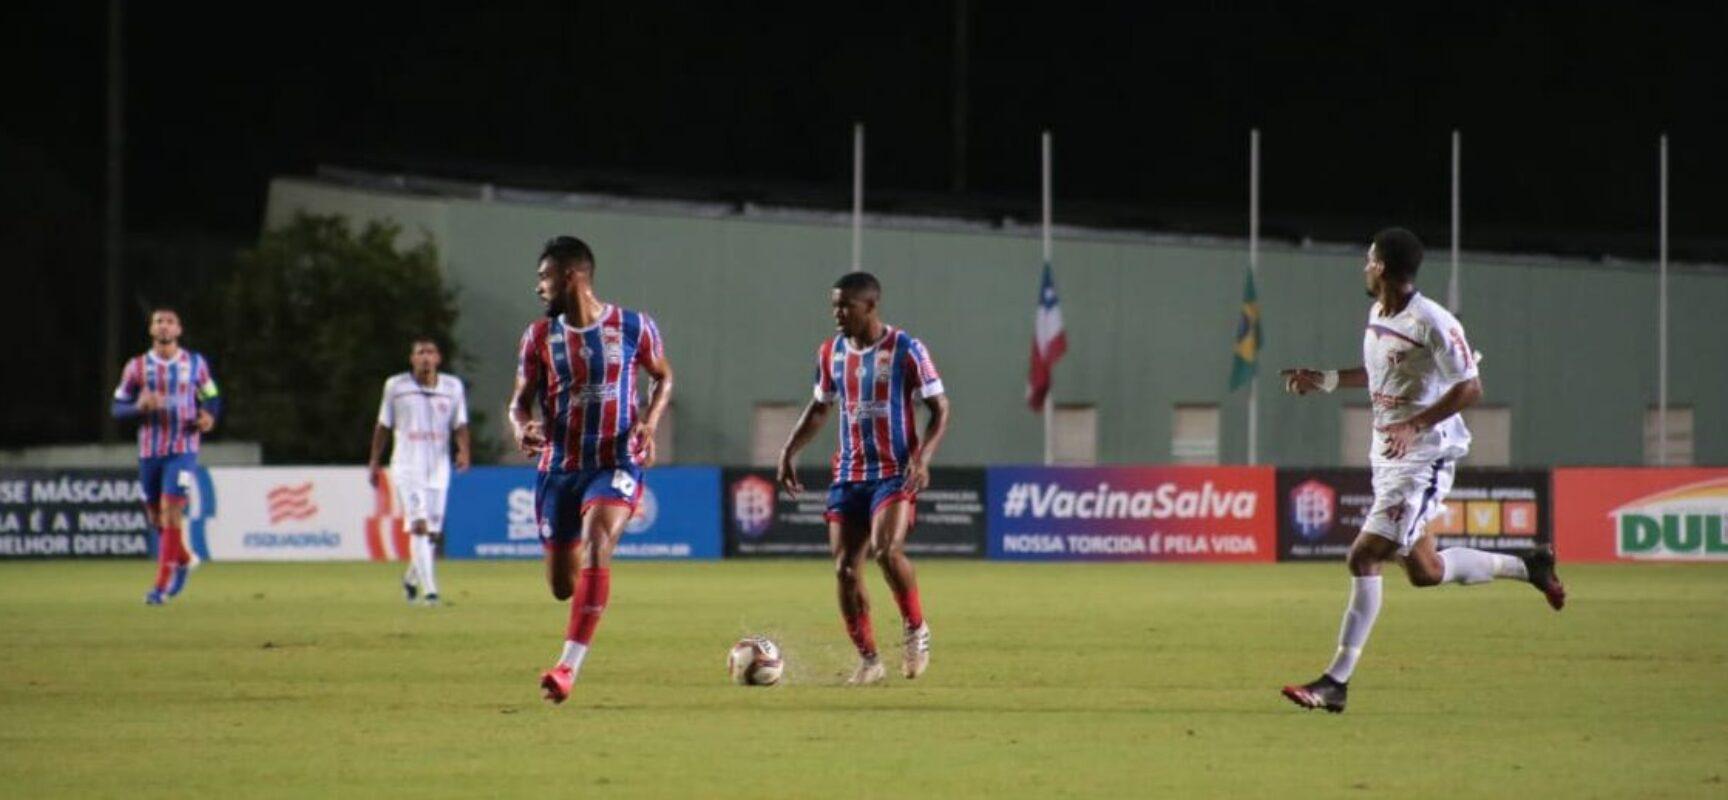 Atlético e Bahia largam na frente na semifinal do Baianão